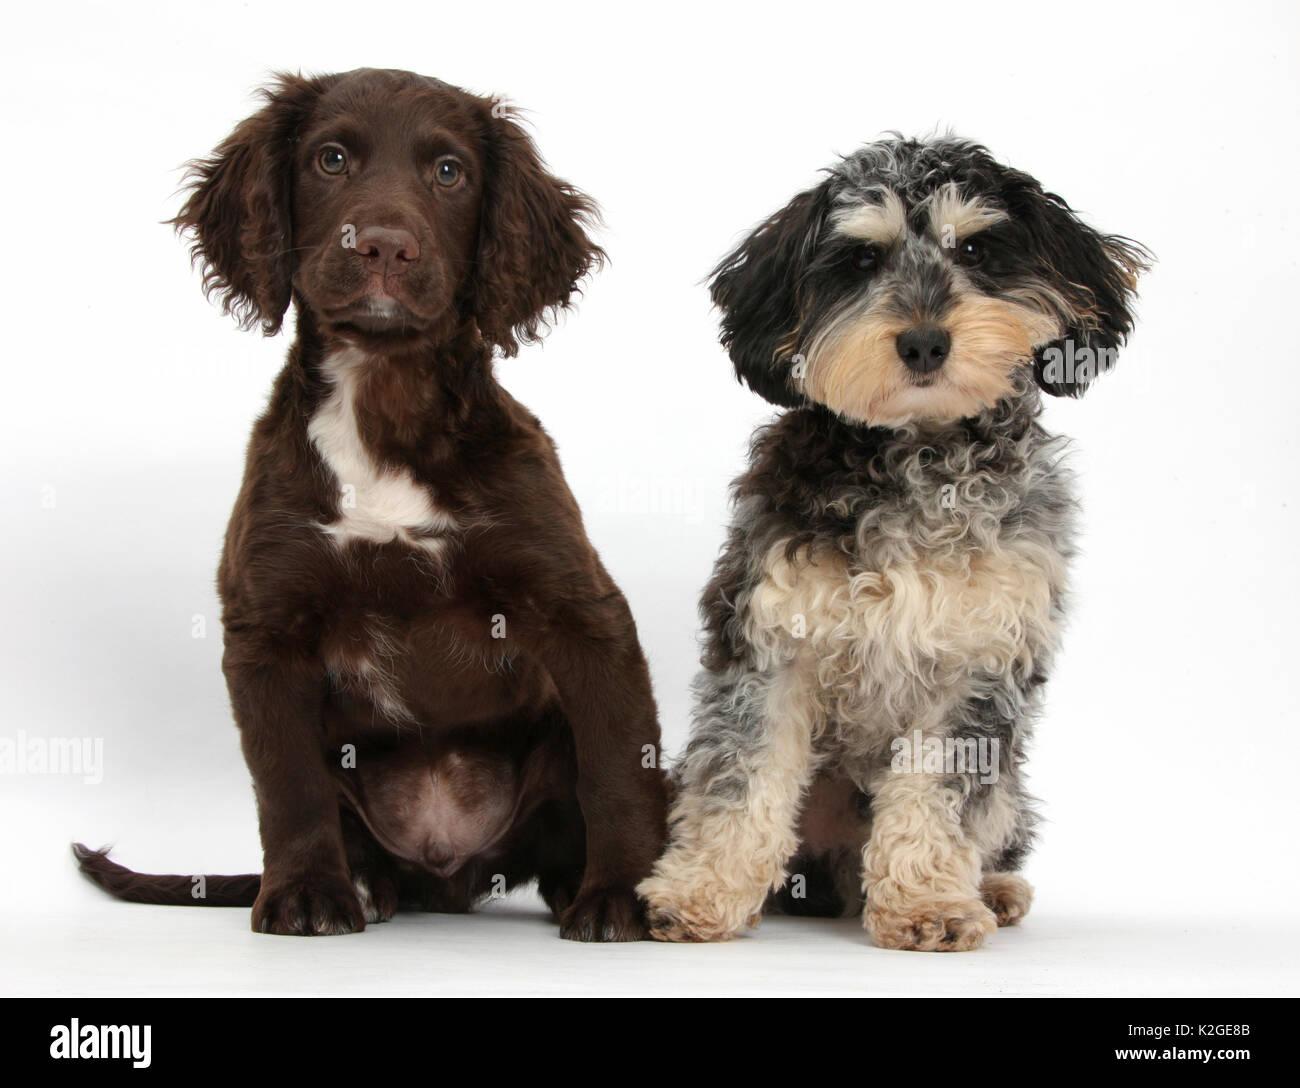 Tricolore merle Daxie-doodle cane bassotto cross Poodle, e cioccolato Cocker Spaniel. Immagini Stock